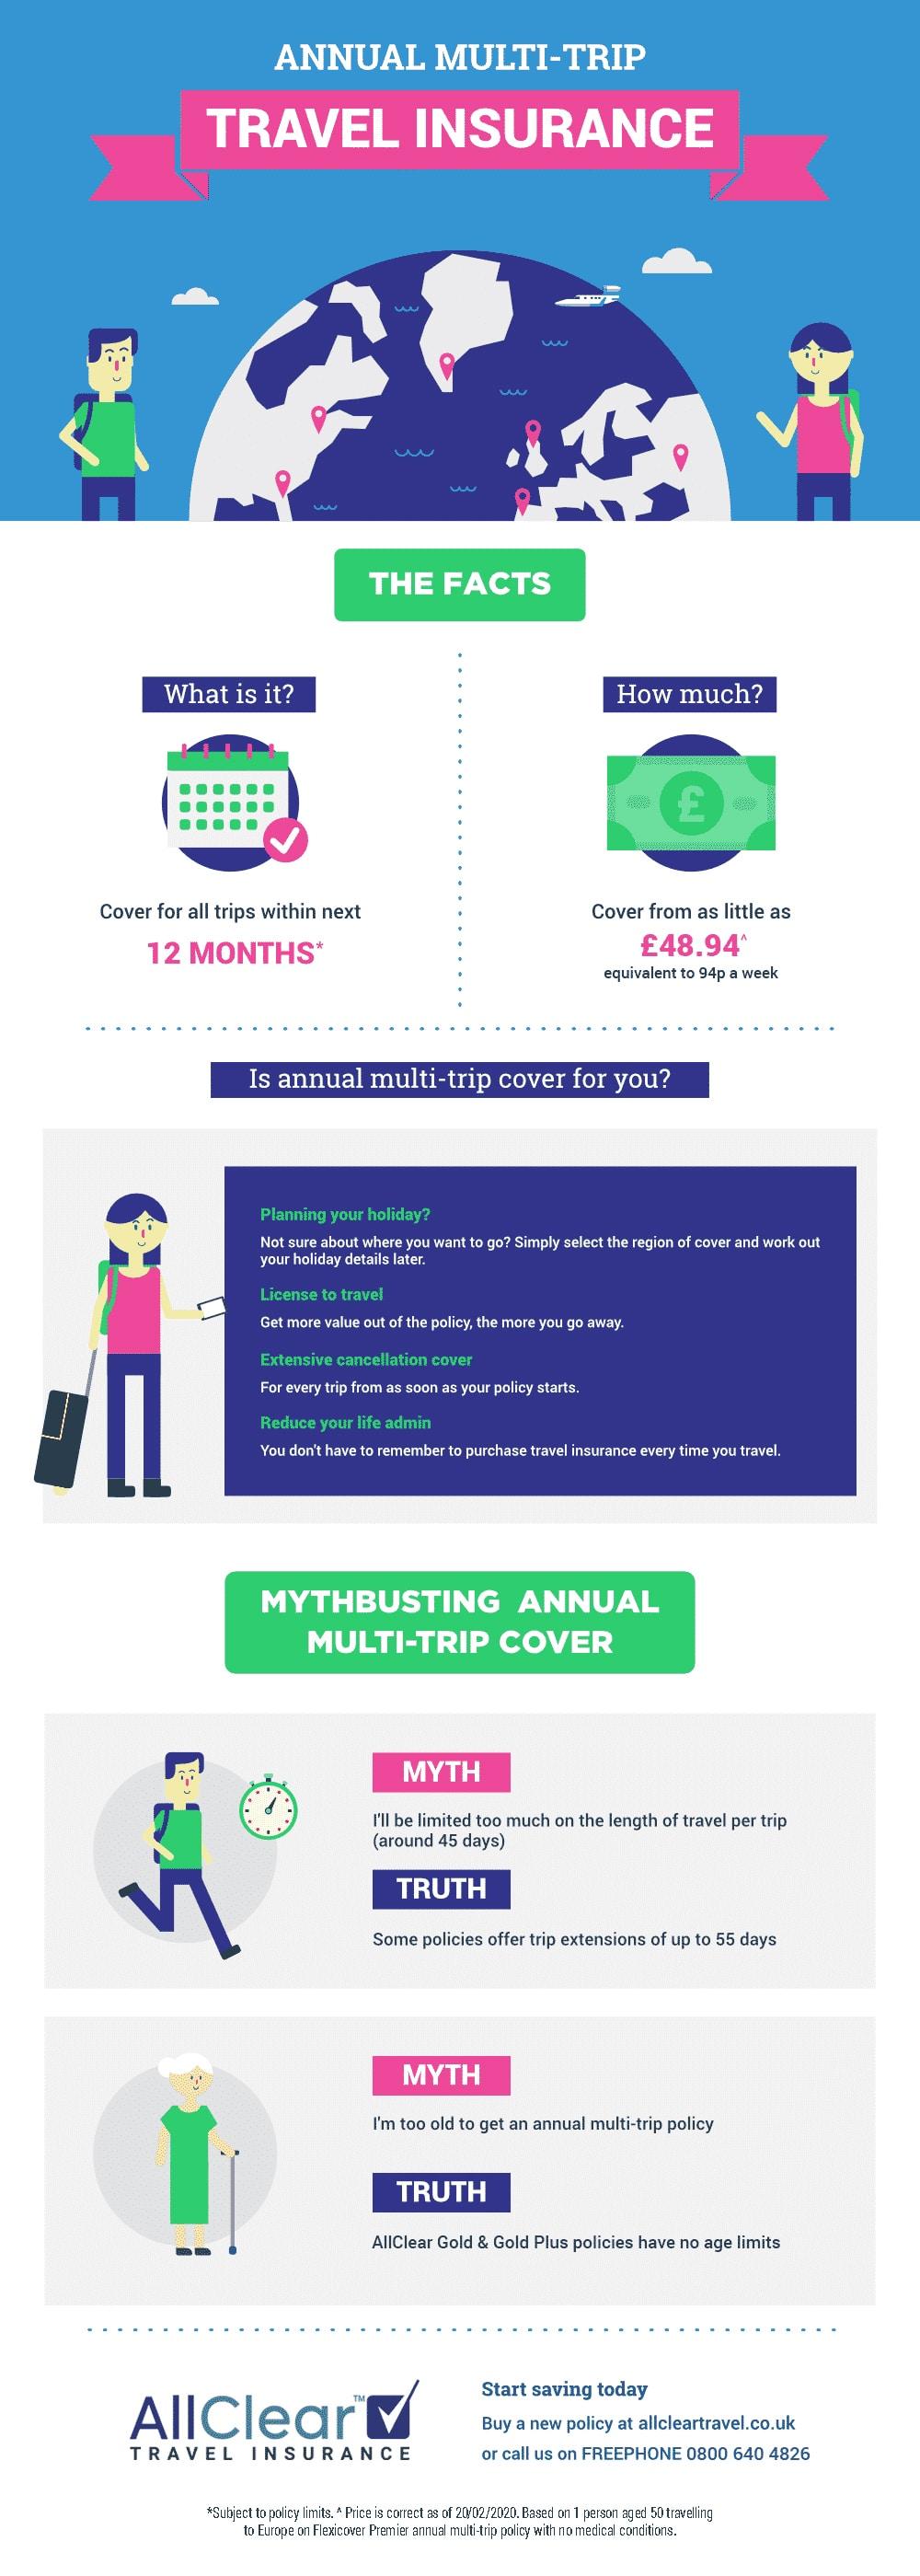 Annual multi trip travel insurance info graphic